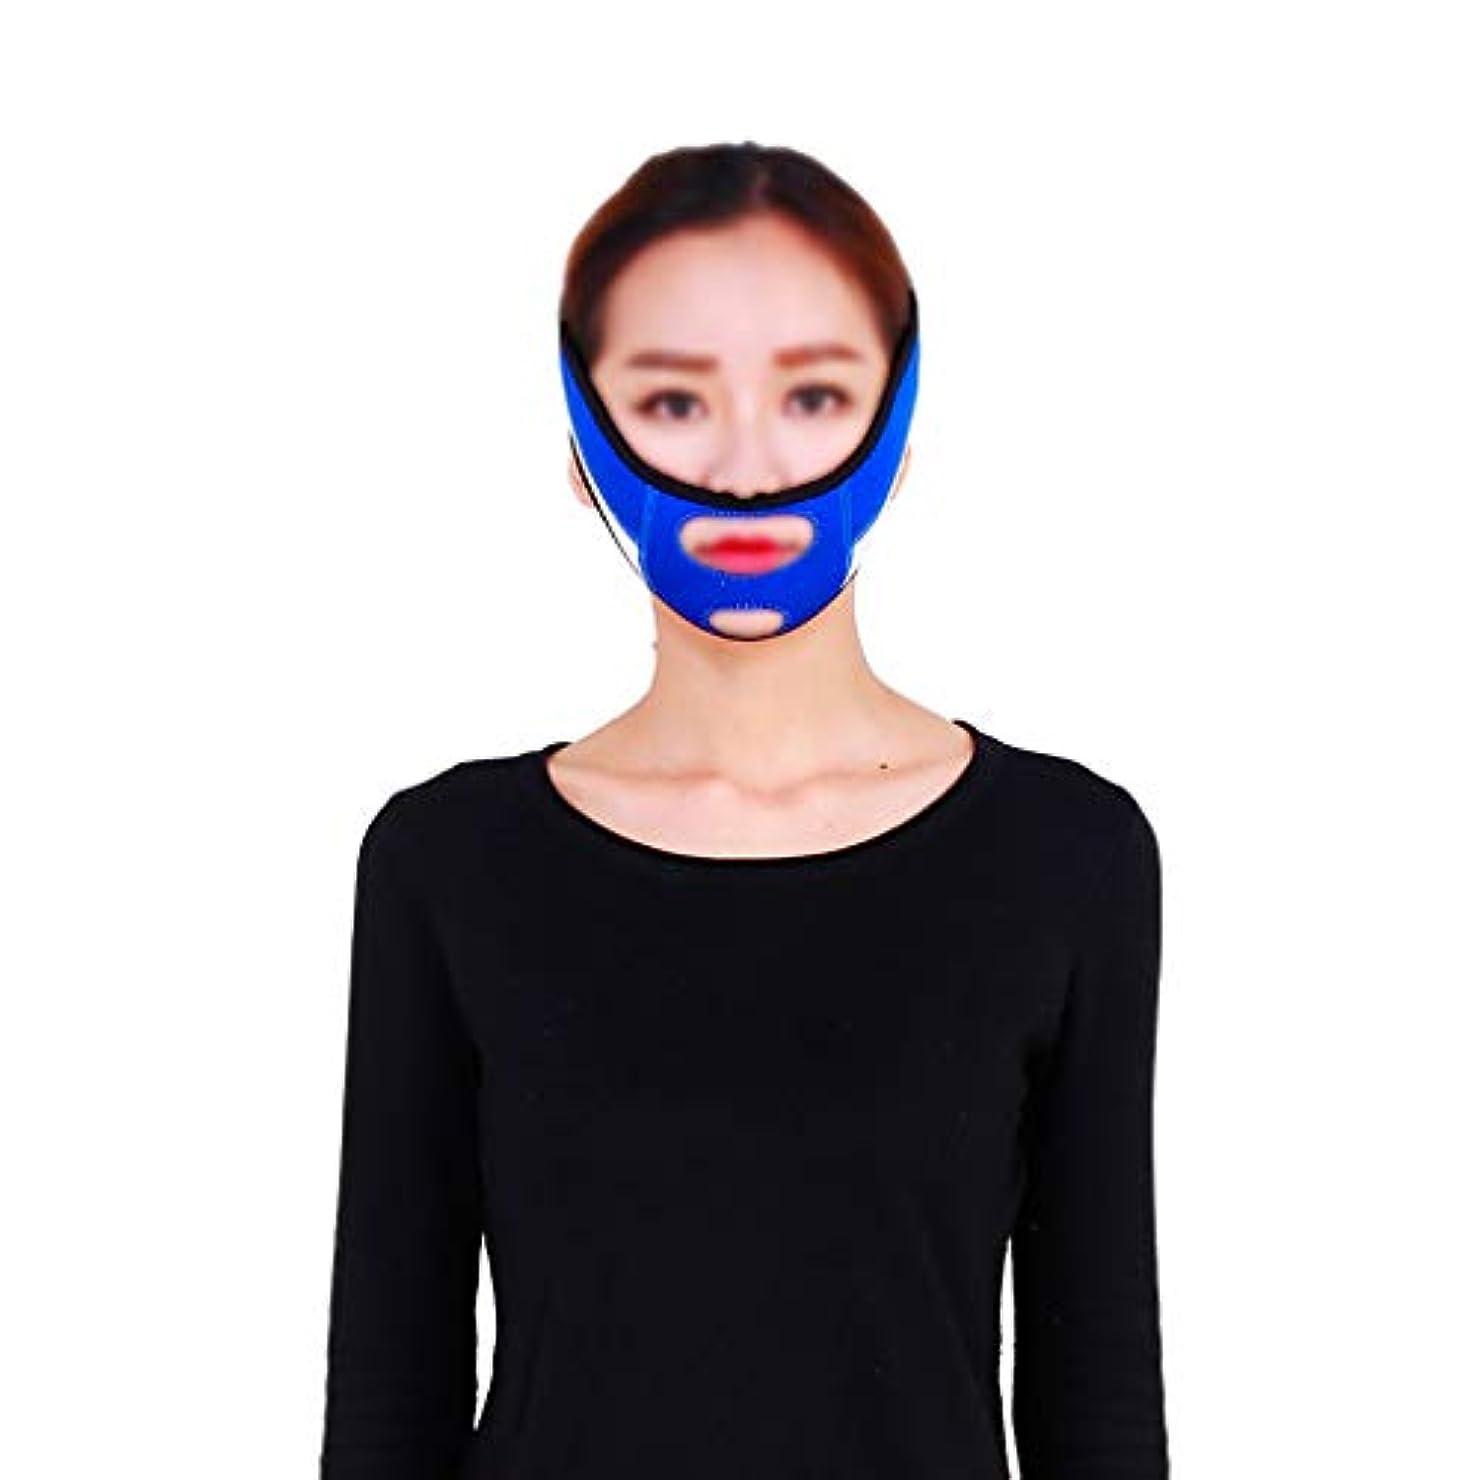 見物人誤教育GLJJQMY ファーミングマスクスモールVフェイスアーティファクトリフティングマスク調整ポート強化垂下肌収縮スリップ弾性ストレッチ包帯 顔用整形マスク